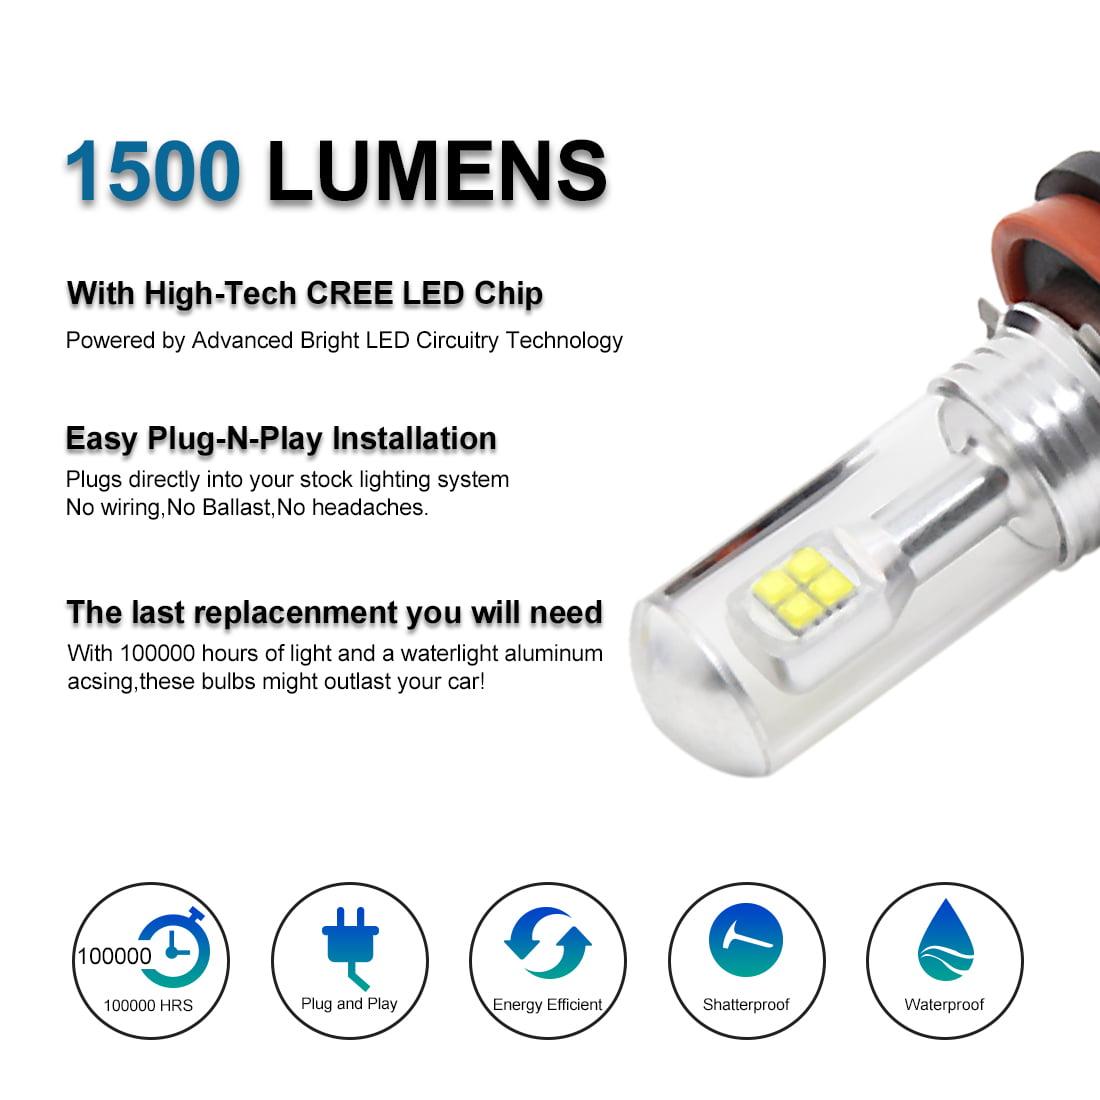 2 Pcs H11 White 8 Led Car Fog Driving Daytime Running Light Bulb Lights Wiring Instructions 6000k 12 24v